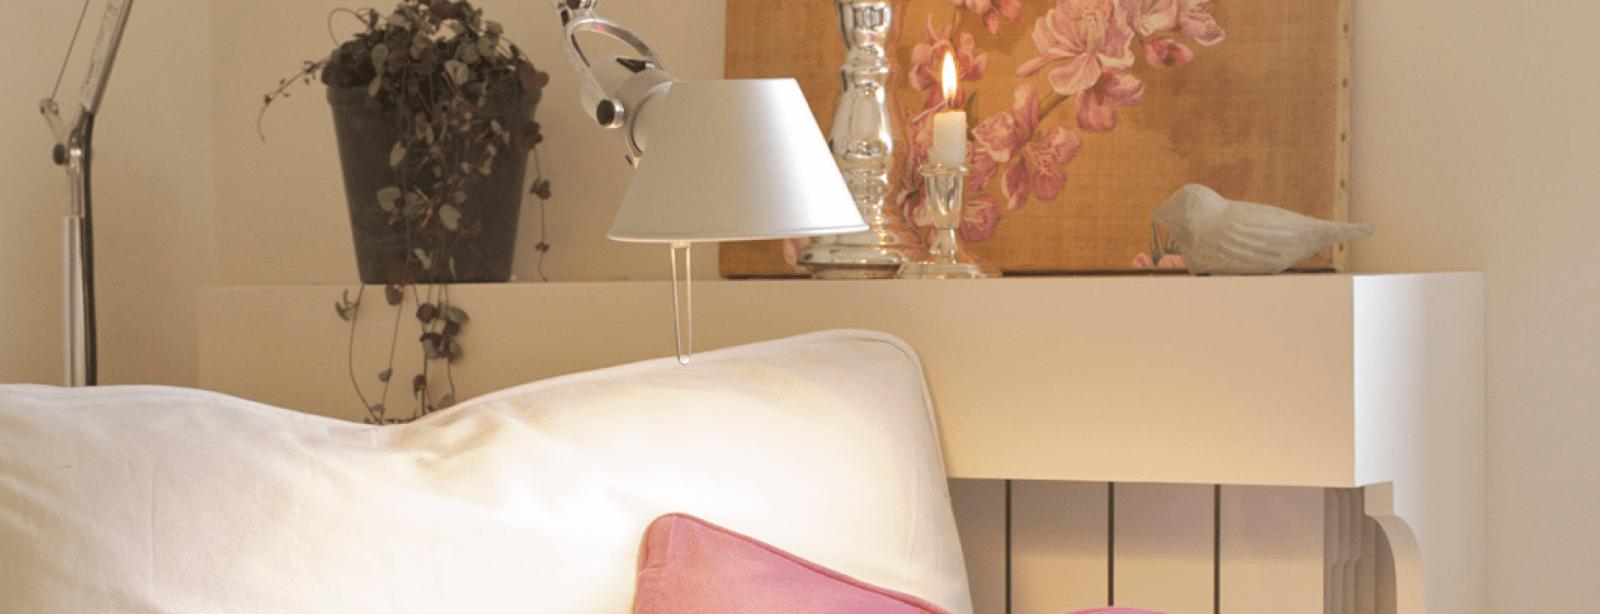 Nascondere il calorifero con una mensola cose di casa for Caloriferi da arredamento